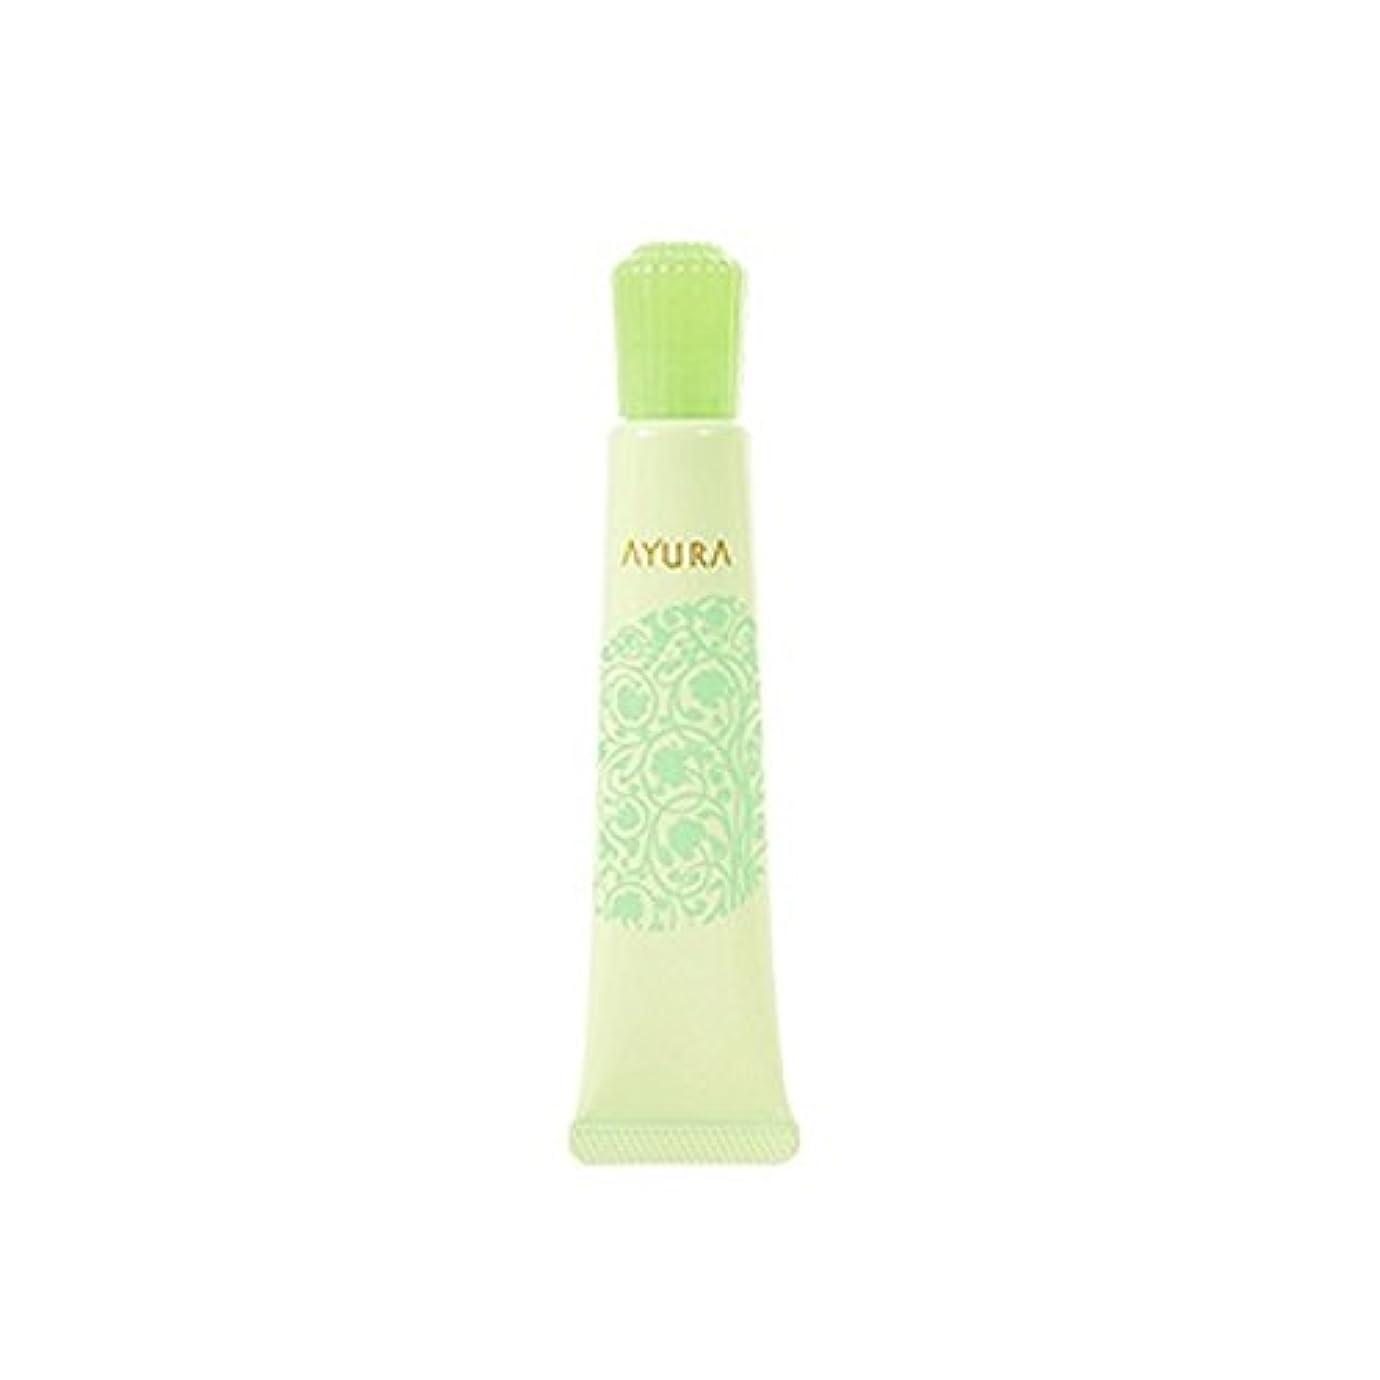 ソブリケット許可仕方アユーラ (AYURA) ハンドオアシス 〈ハンド用美容液〉 アロマティックハーブとユーカリの軽やかな香り